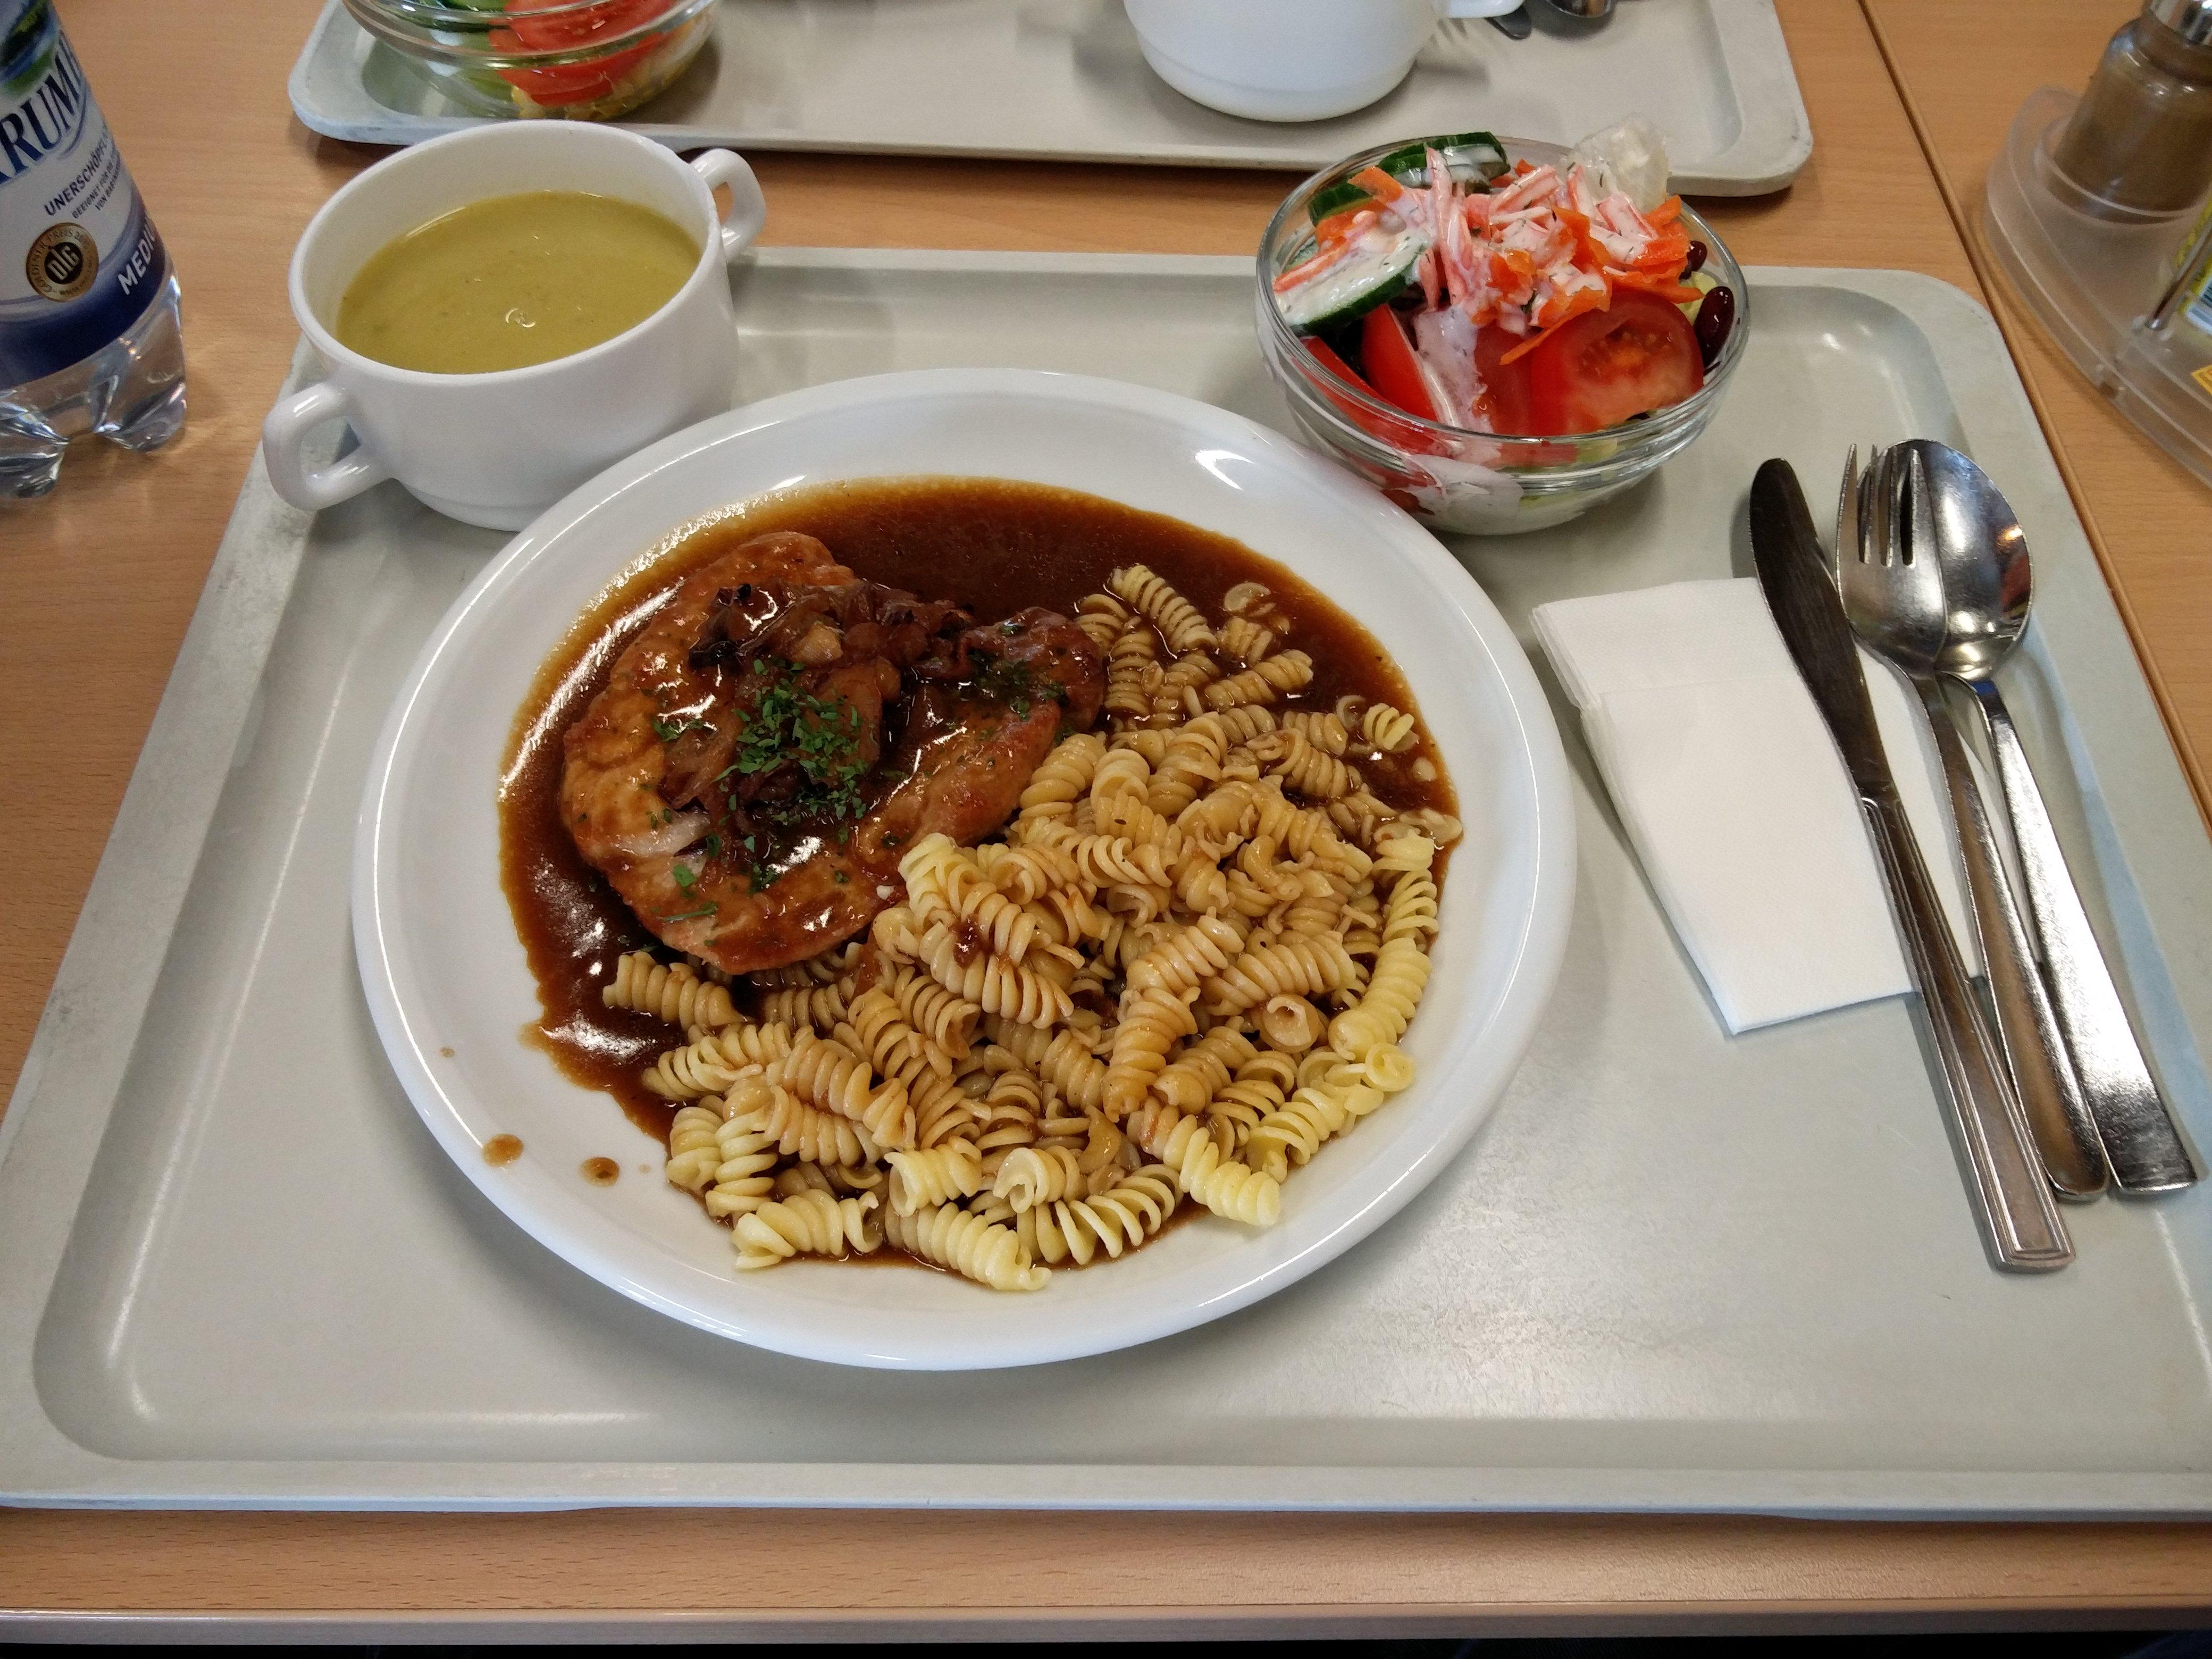 http://foodloader.net/nico_2016-06-03_schweinesteak-mit-nudeln-suppe-und-salat.jpg